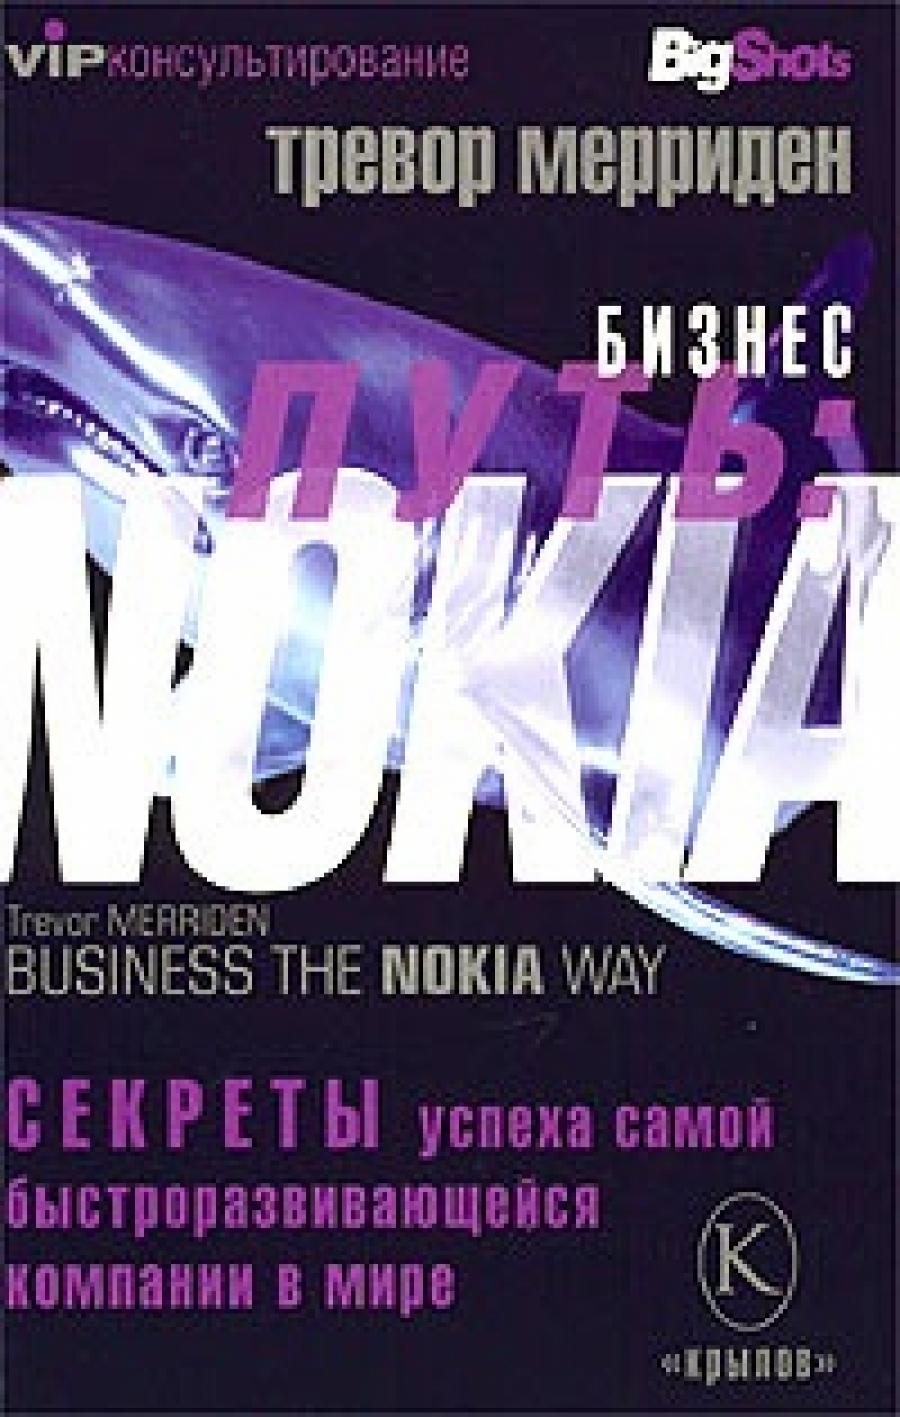 Обложка книги:  мерриден т. бизнес путь nokia секреты успеха самой быстроразвивающейся компании в мире